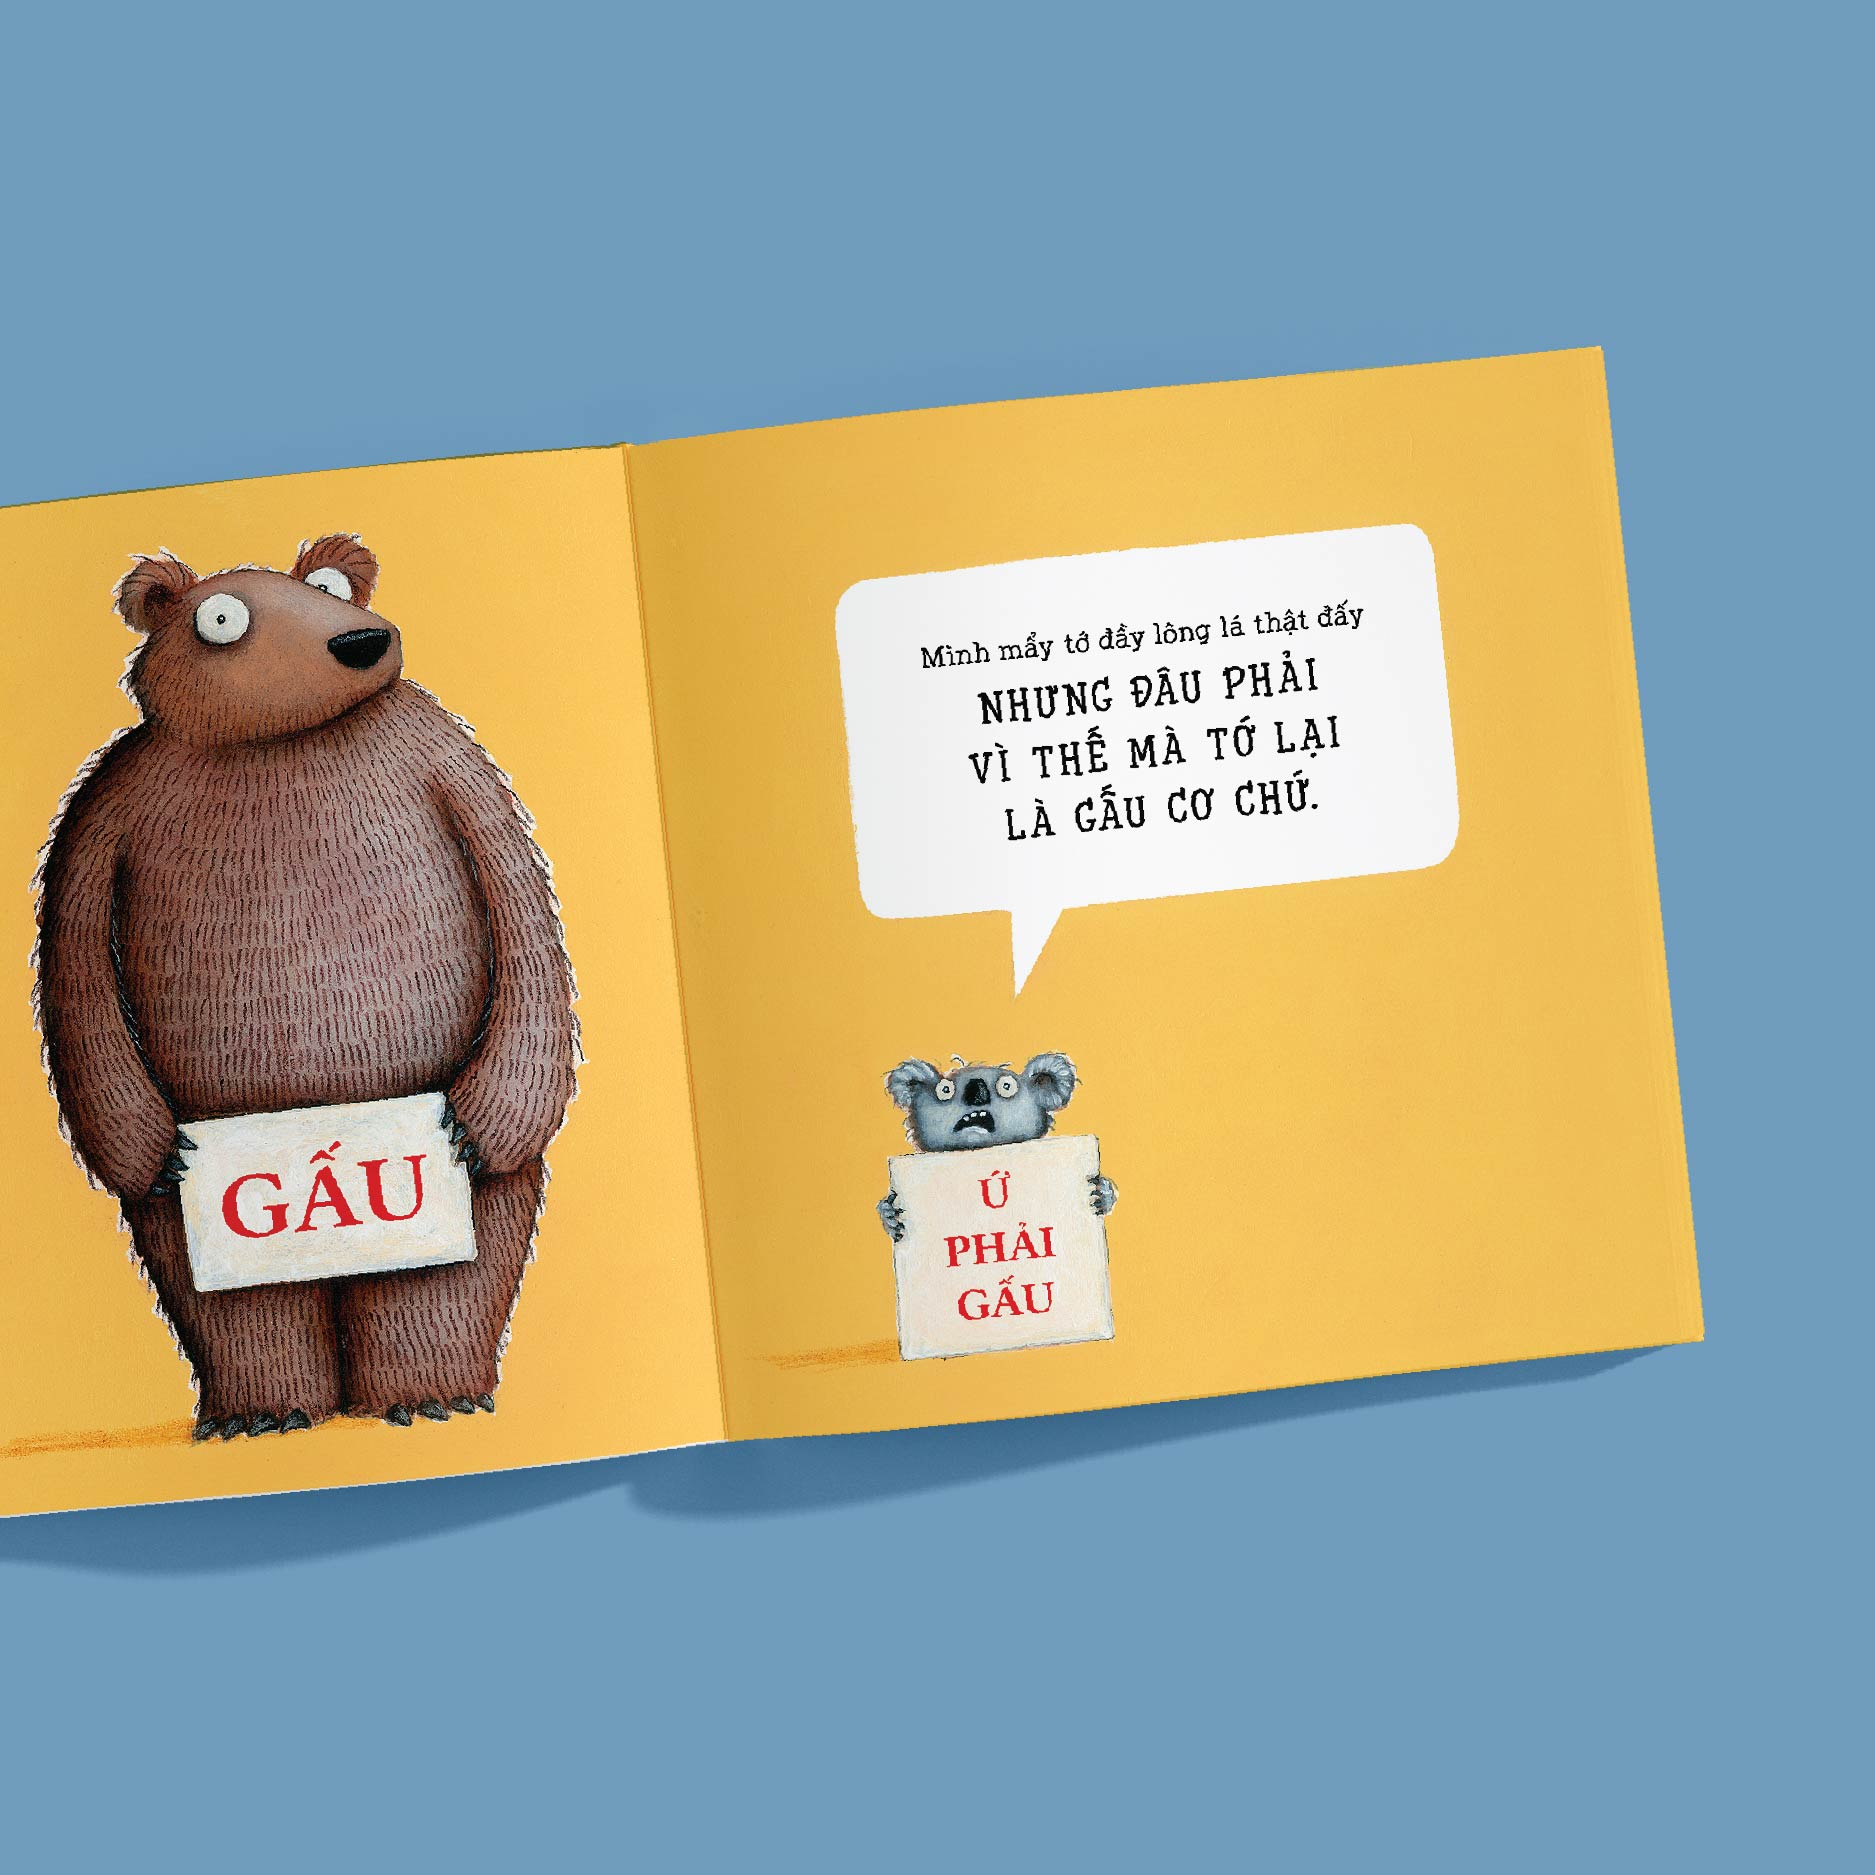 Sao con đến được đây hay vậy? - Khoa học hài hước dành cho trẻ 5 tuổi + - Crabit Kidbooks